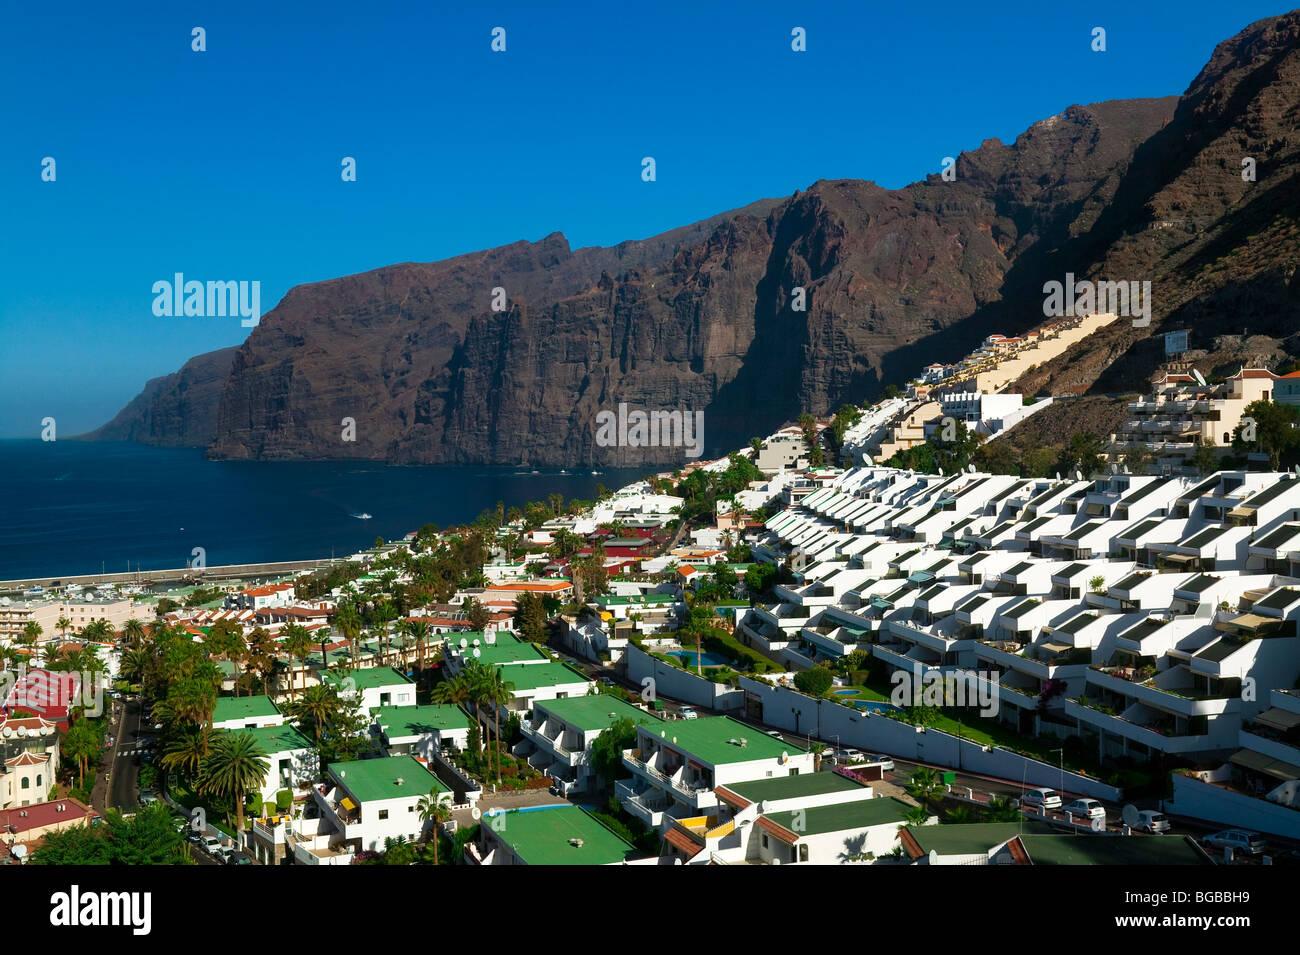 ACANTILADO DE LOS GIGANTES, TENERIFE, CANARIES ISLAND - Stock Image